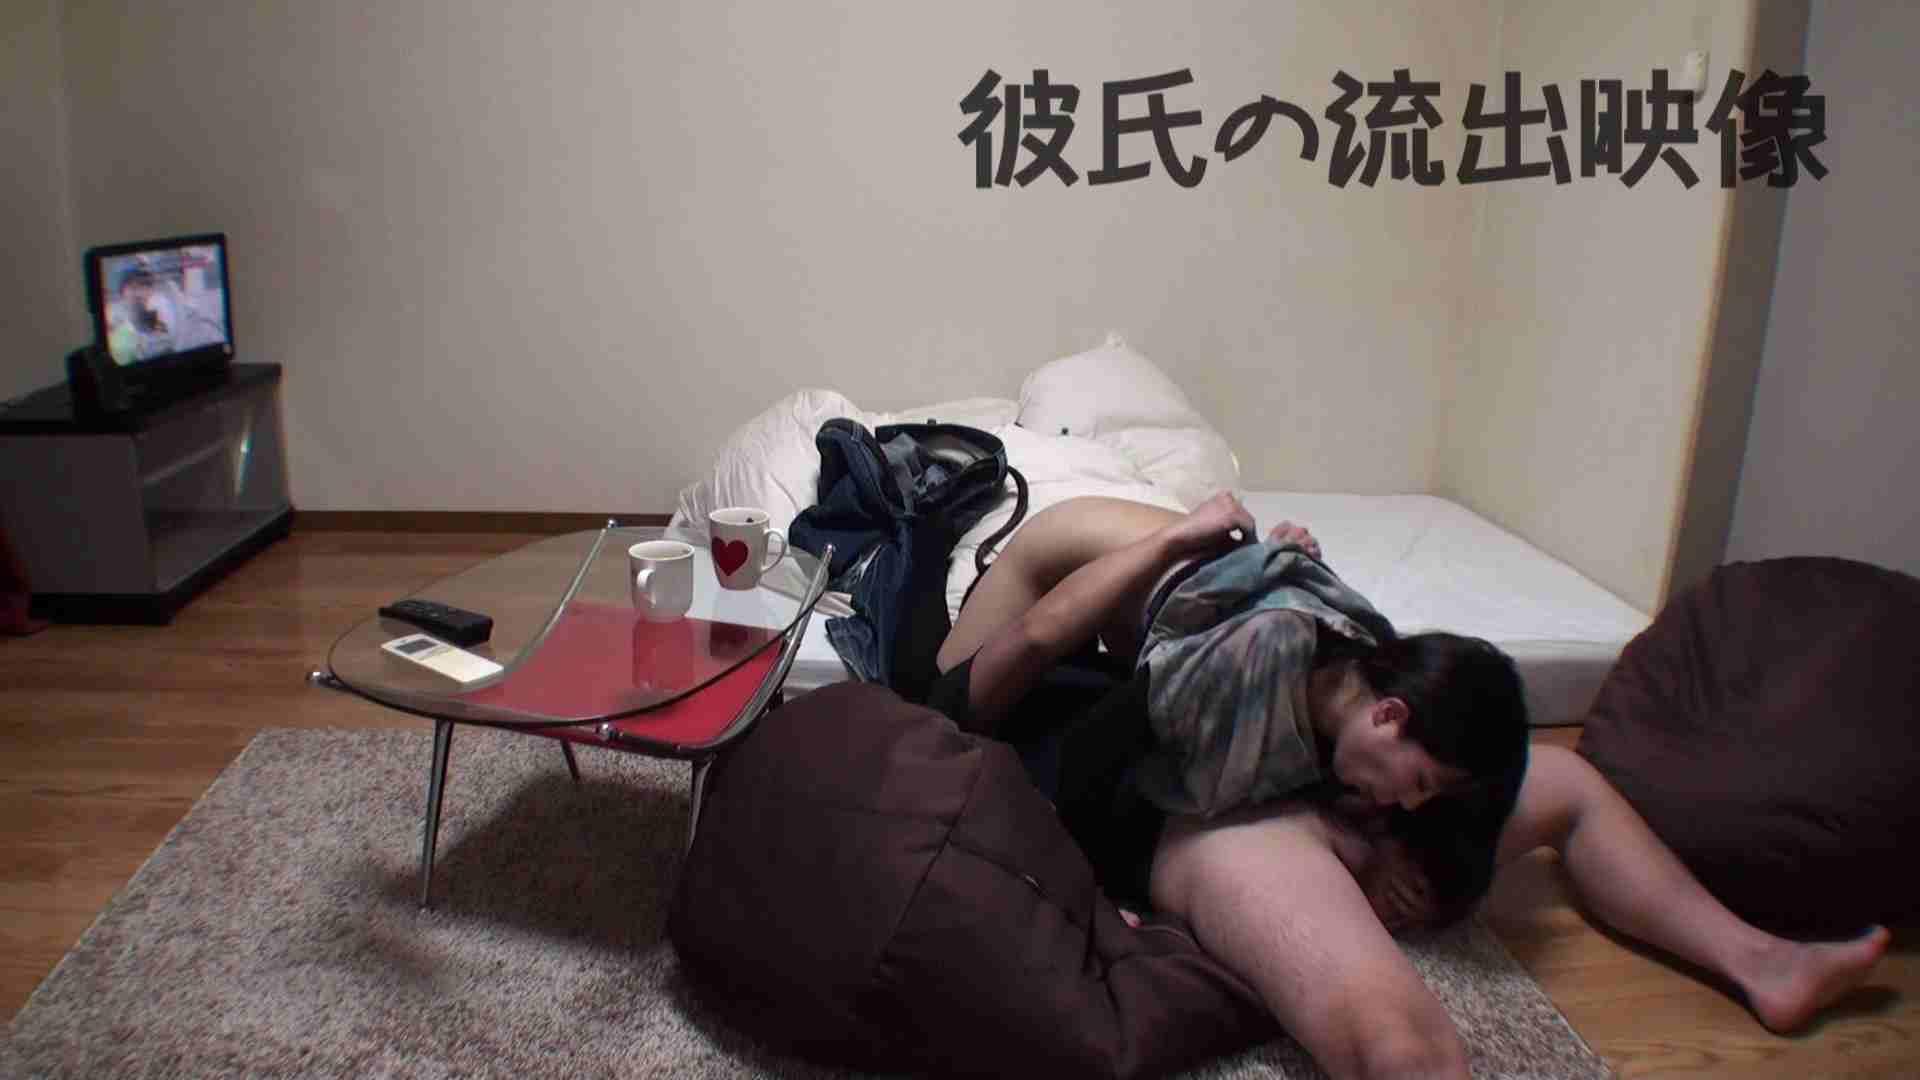 彼氏が流出 パイパン素人嬢のハメ撮り映像02 一般投稿 | ギャル達のSEX  61画像 31